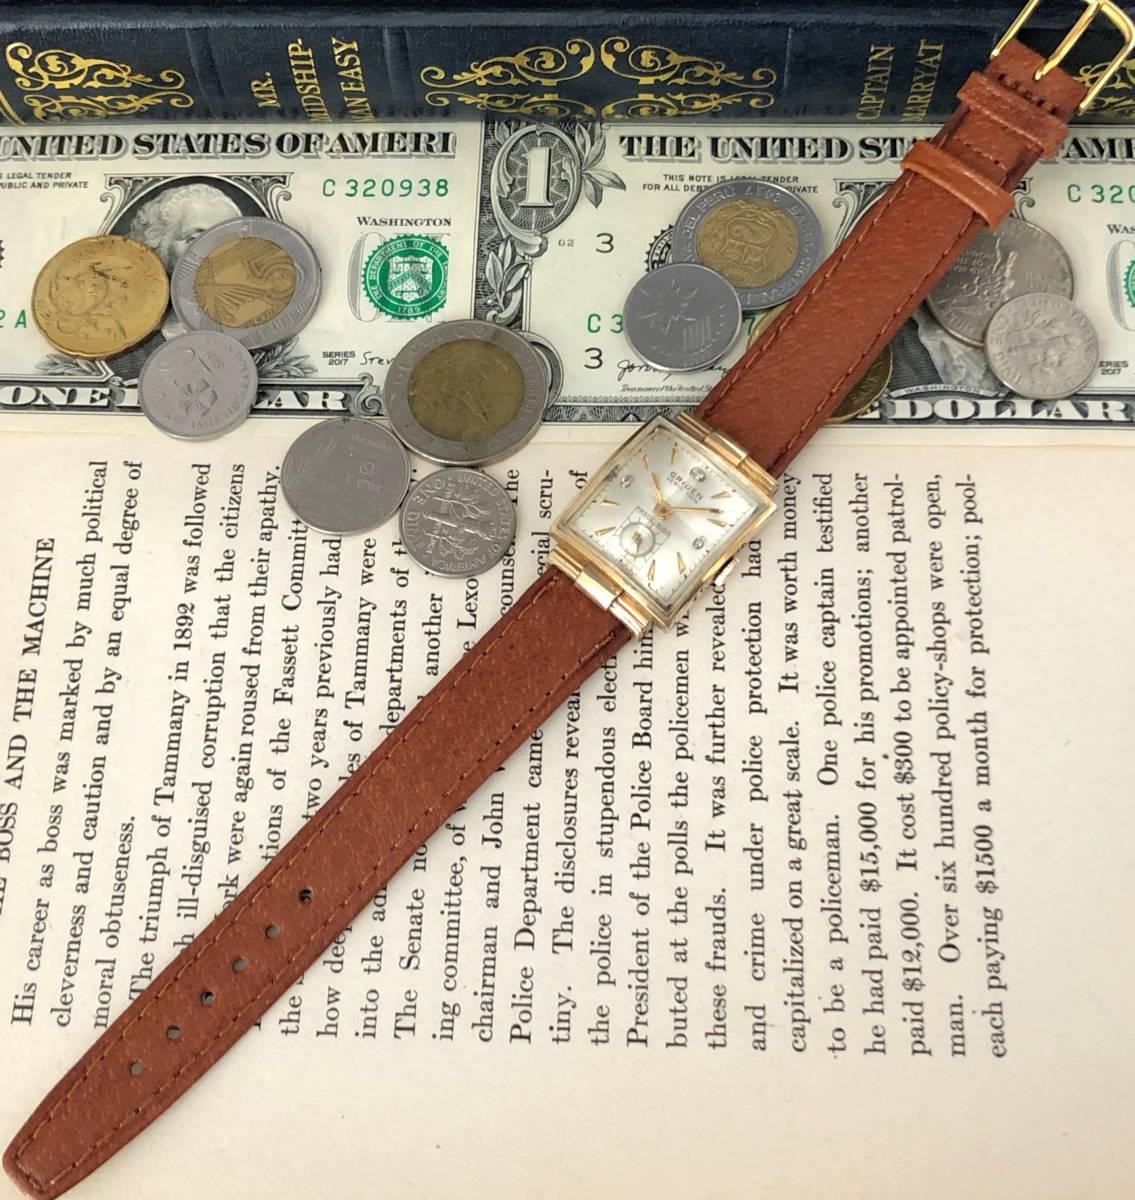 【貴重】◎/グリュエン/GRUEN/ゴールド/1950's/アンティーク/Veri-Thin/10K/スクエア/手巻/金張/ベリシン/メンズ腕時計/アメリカ/送料無料_画像5